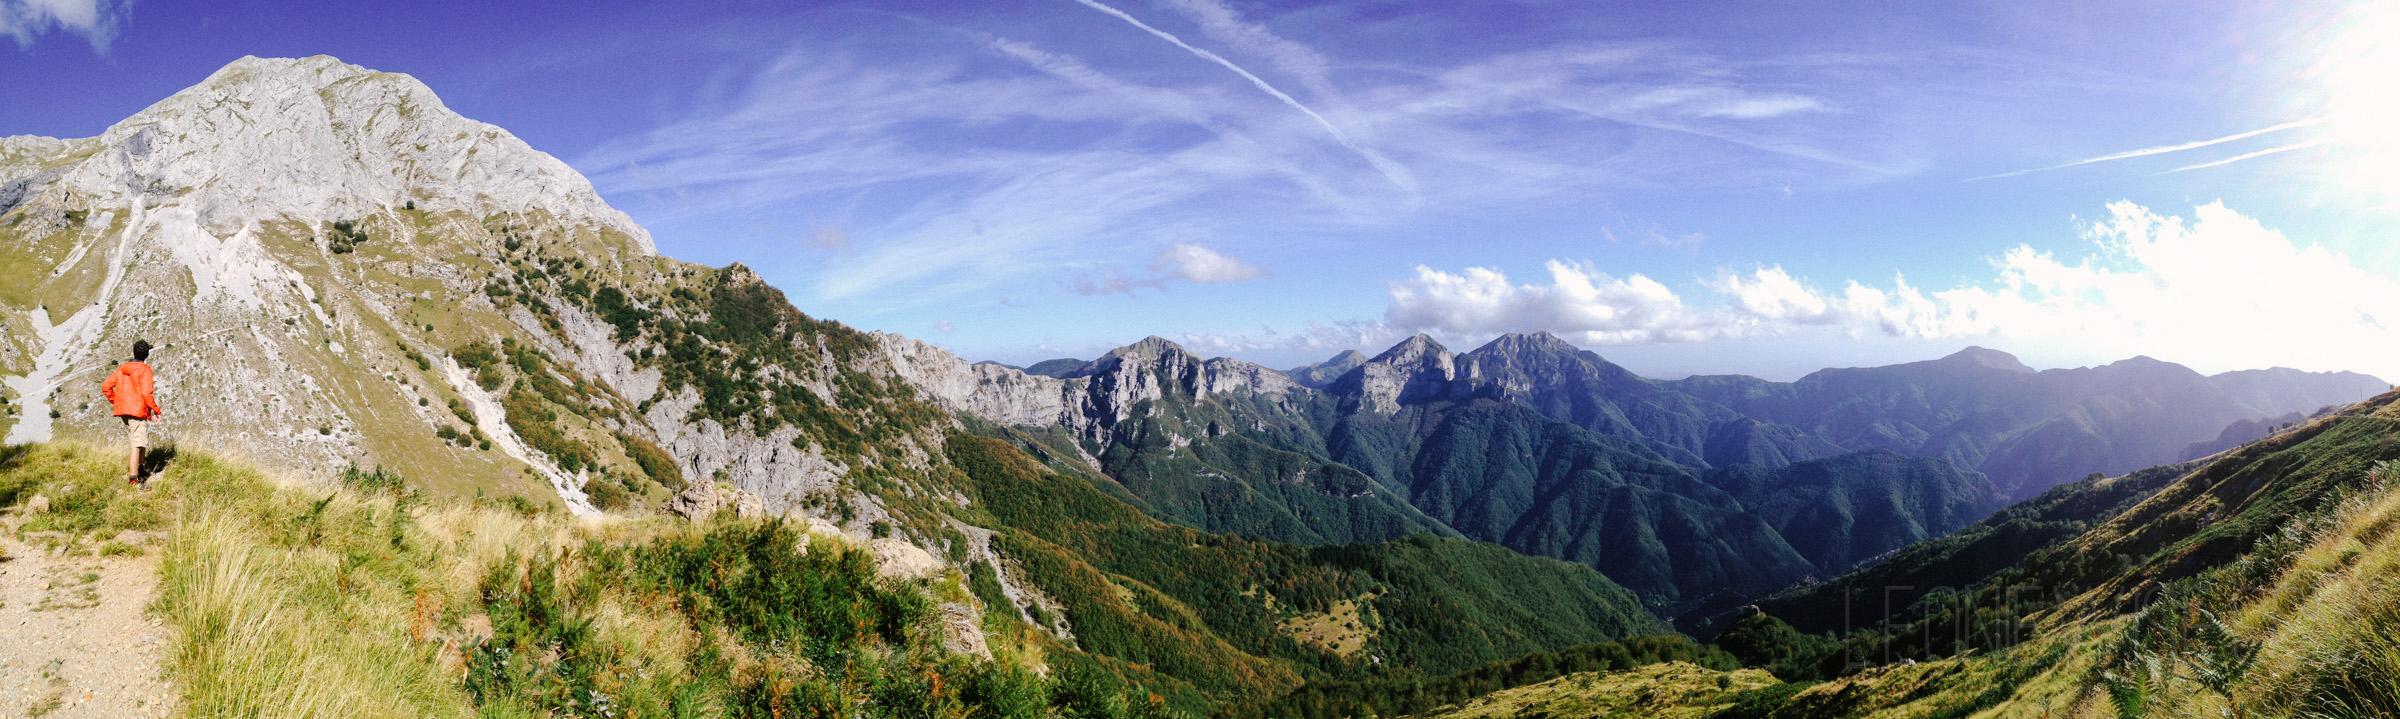 LeonieWise_WalkLikeAnItalian_AlpiApuane-8